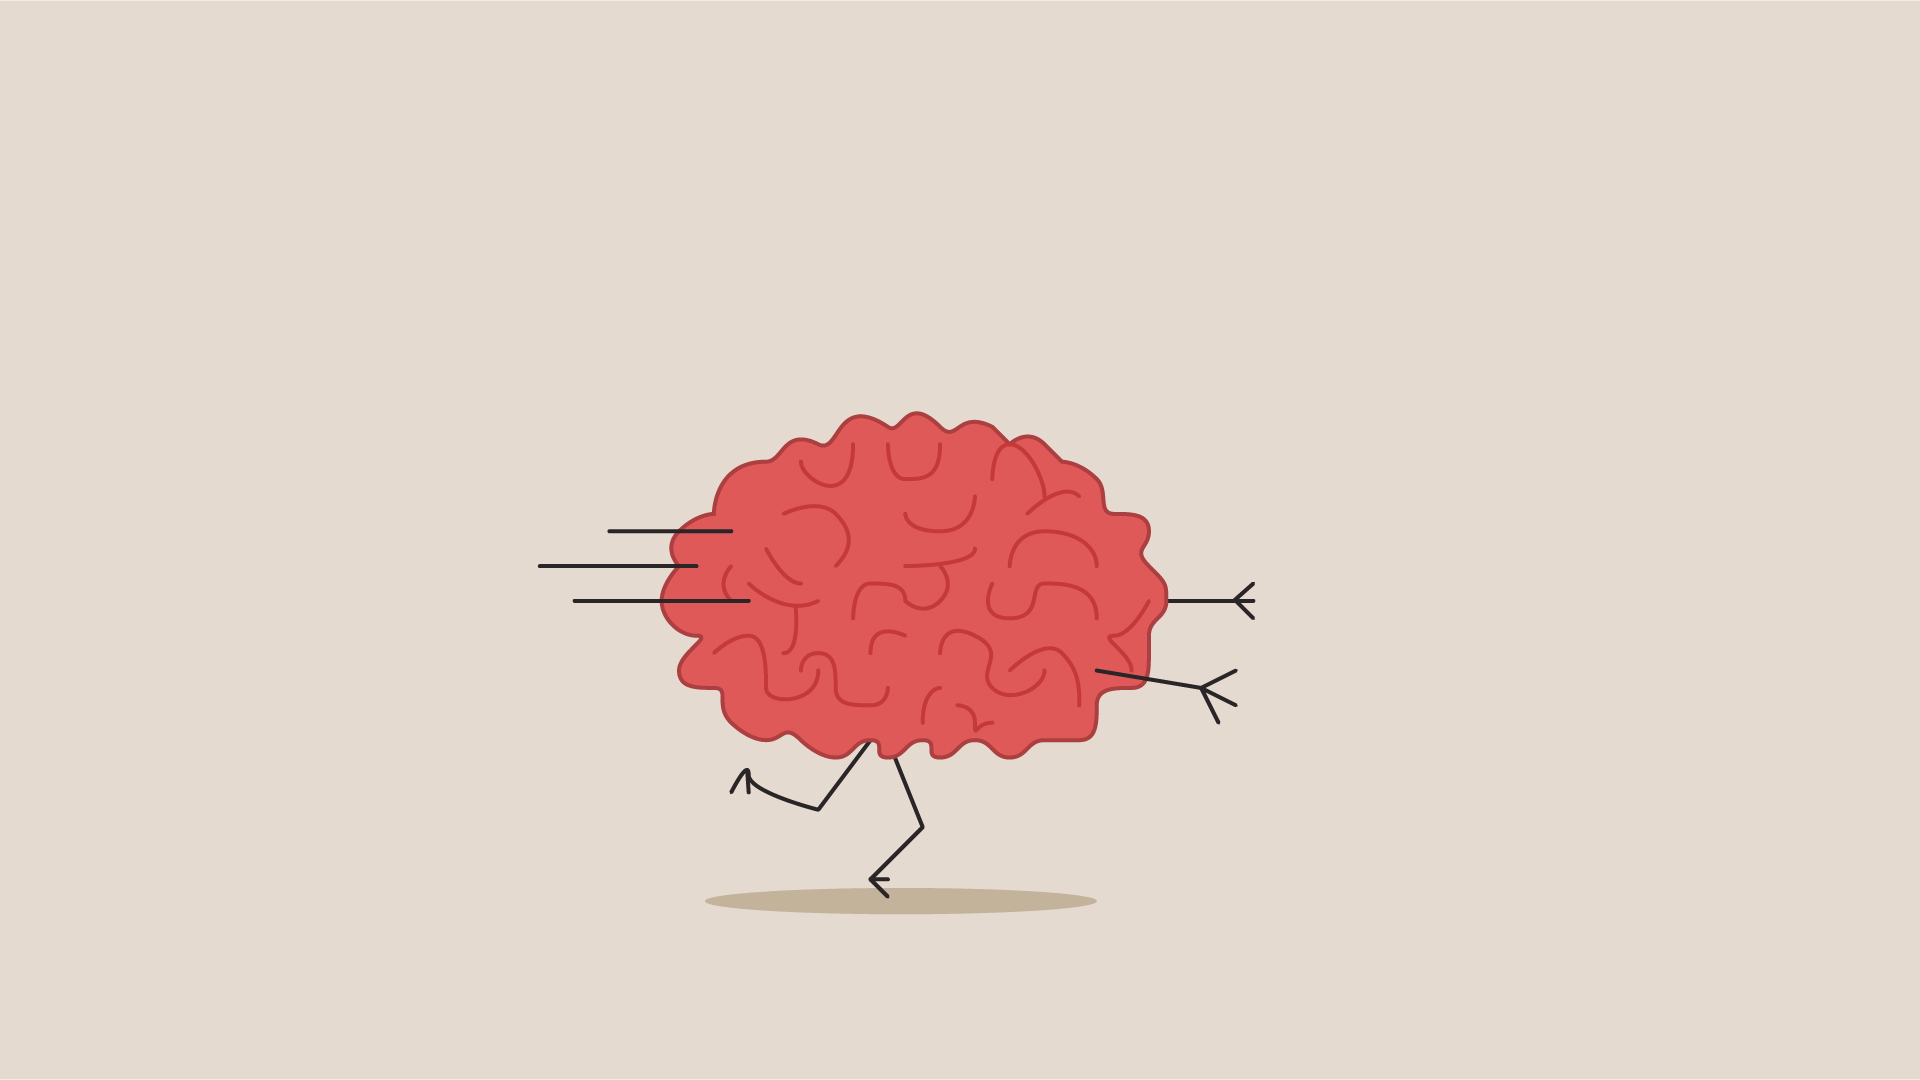 Las heurísticas, esos atajos de pensamientos cotidianos